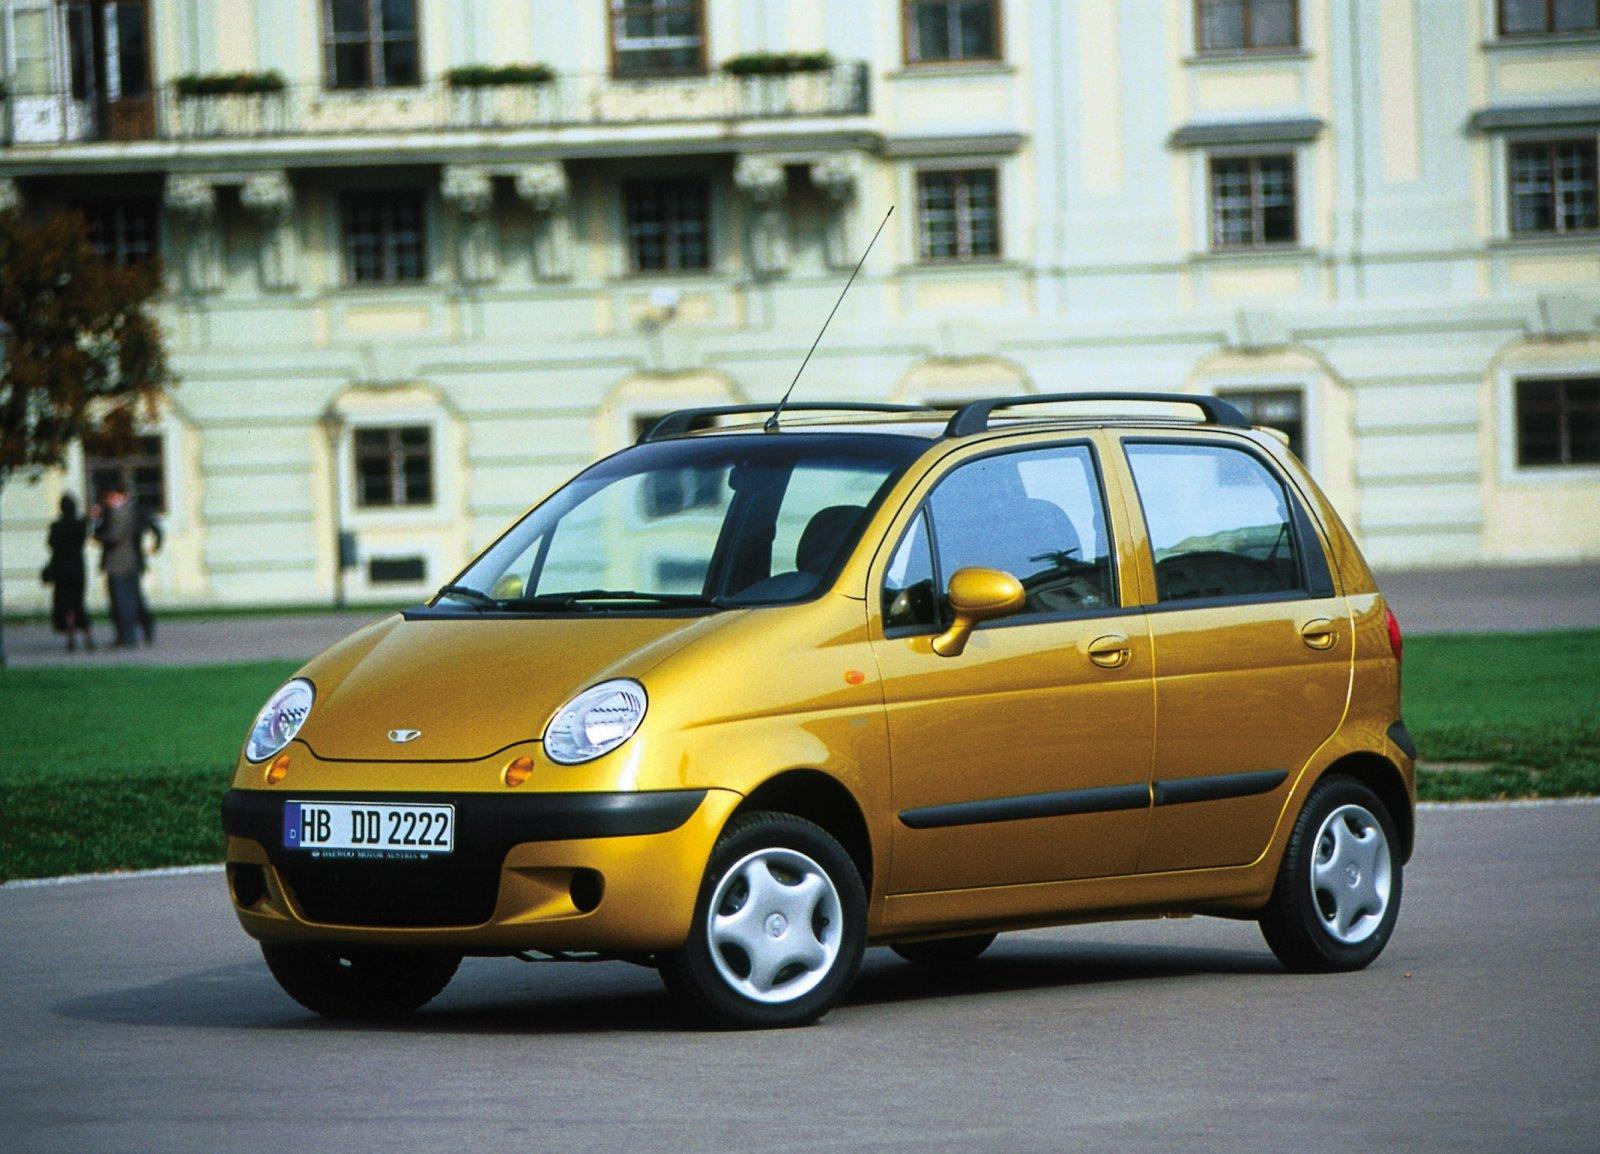 Специалисты составили ТОП-3 бюджетных авто, покоторым тоскуют россияне